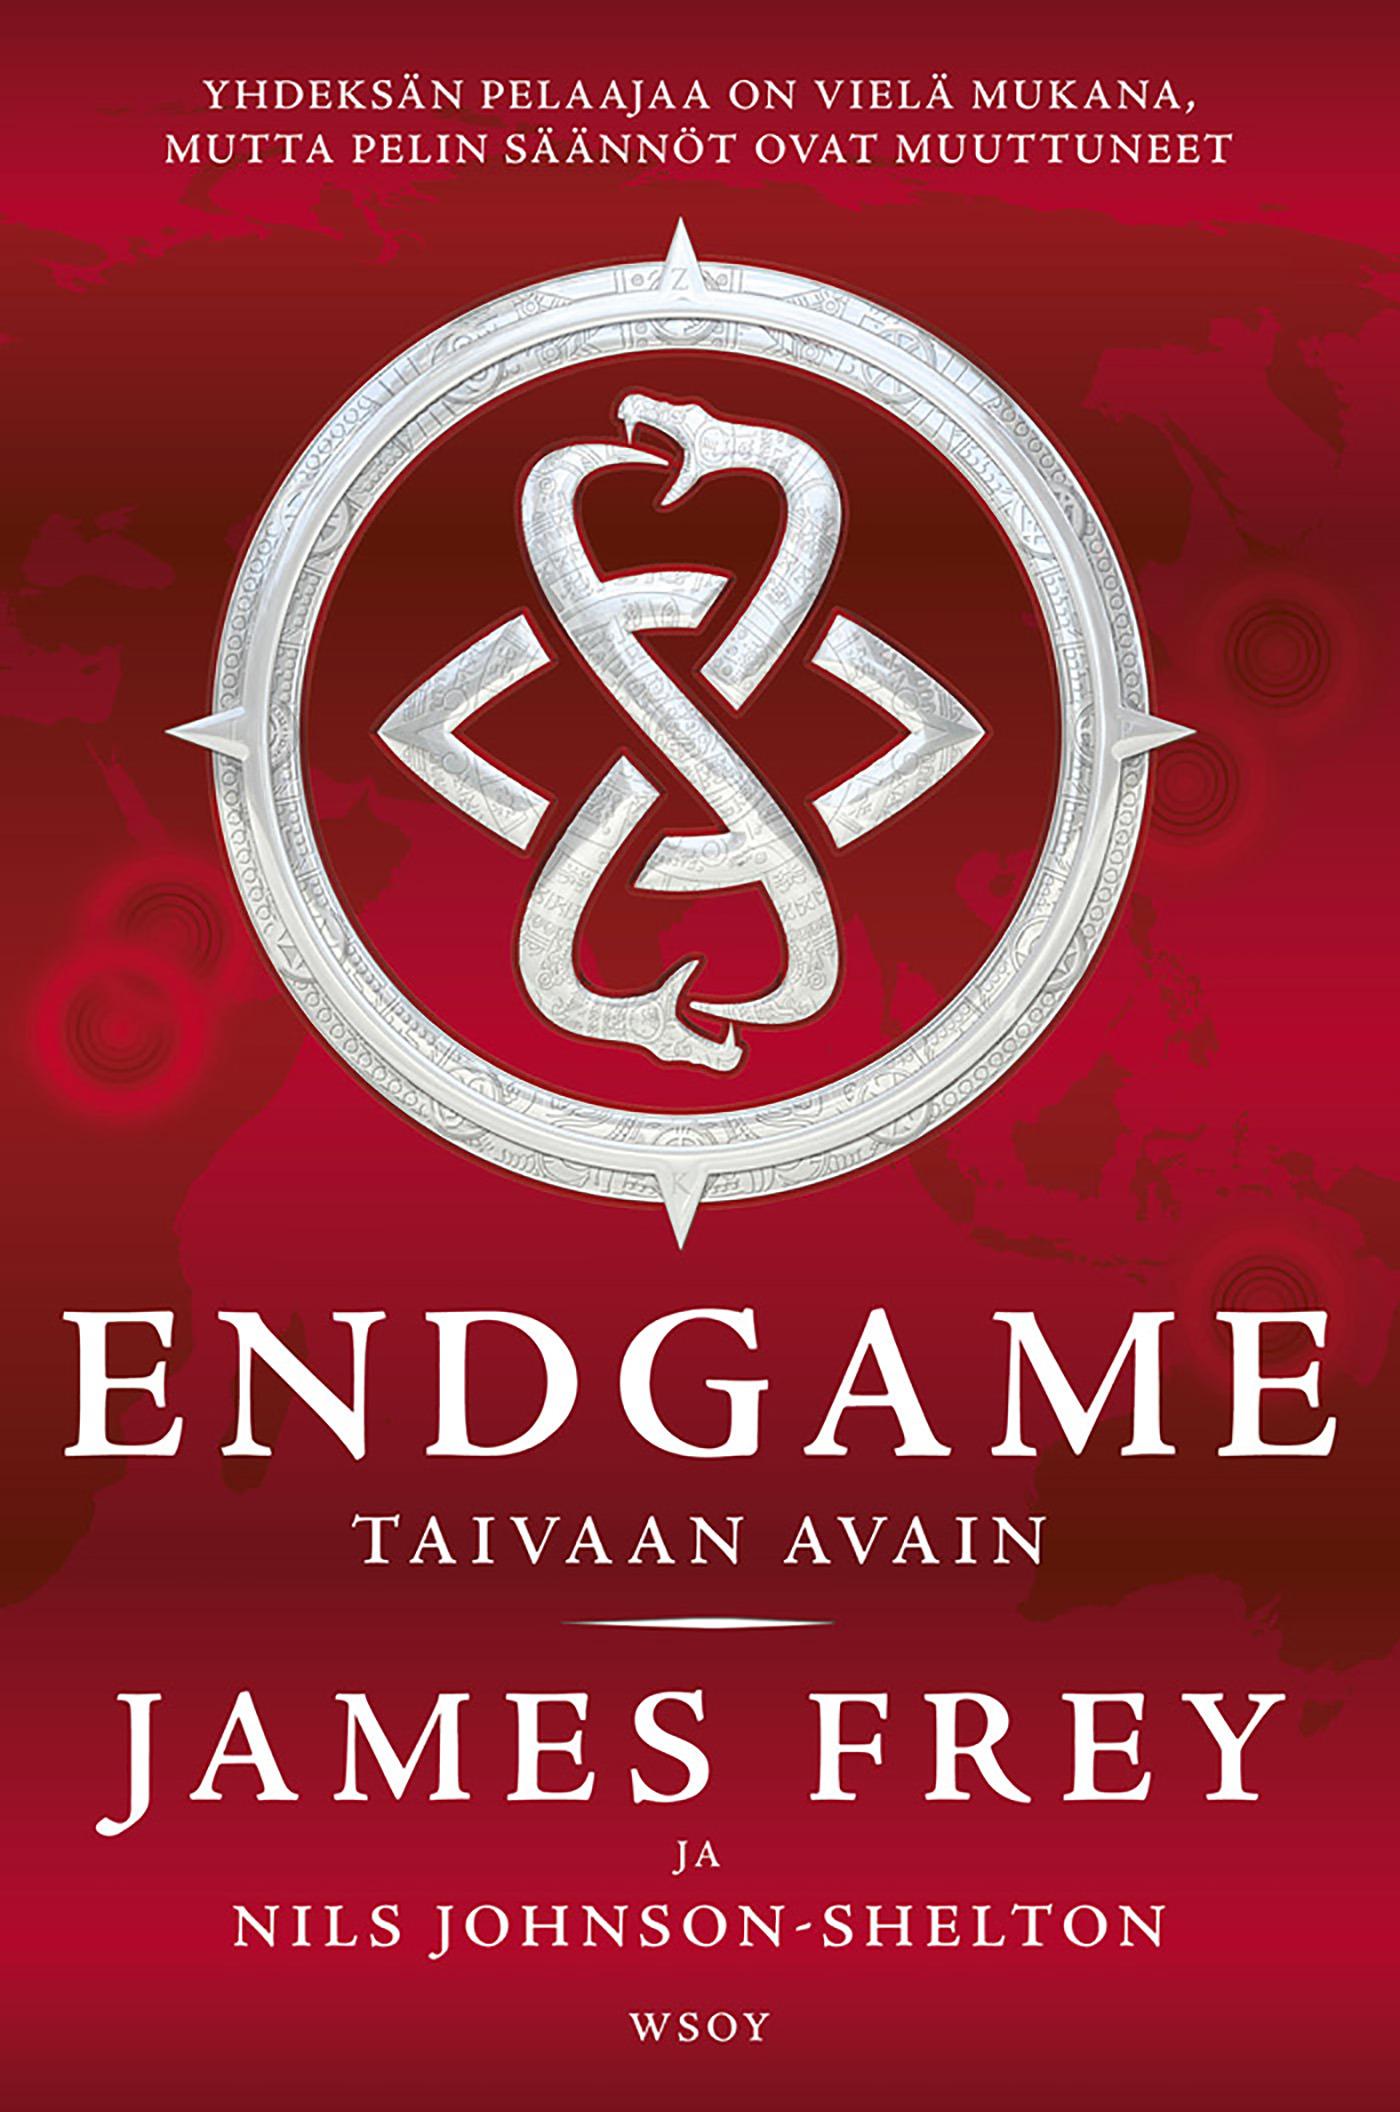 Frey, James - Endgame - Taivaan avain: Endgame 2, e-kirja